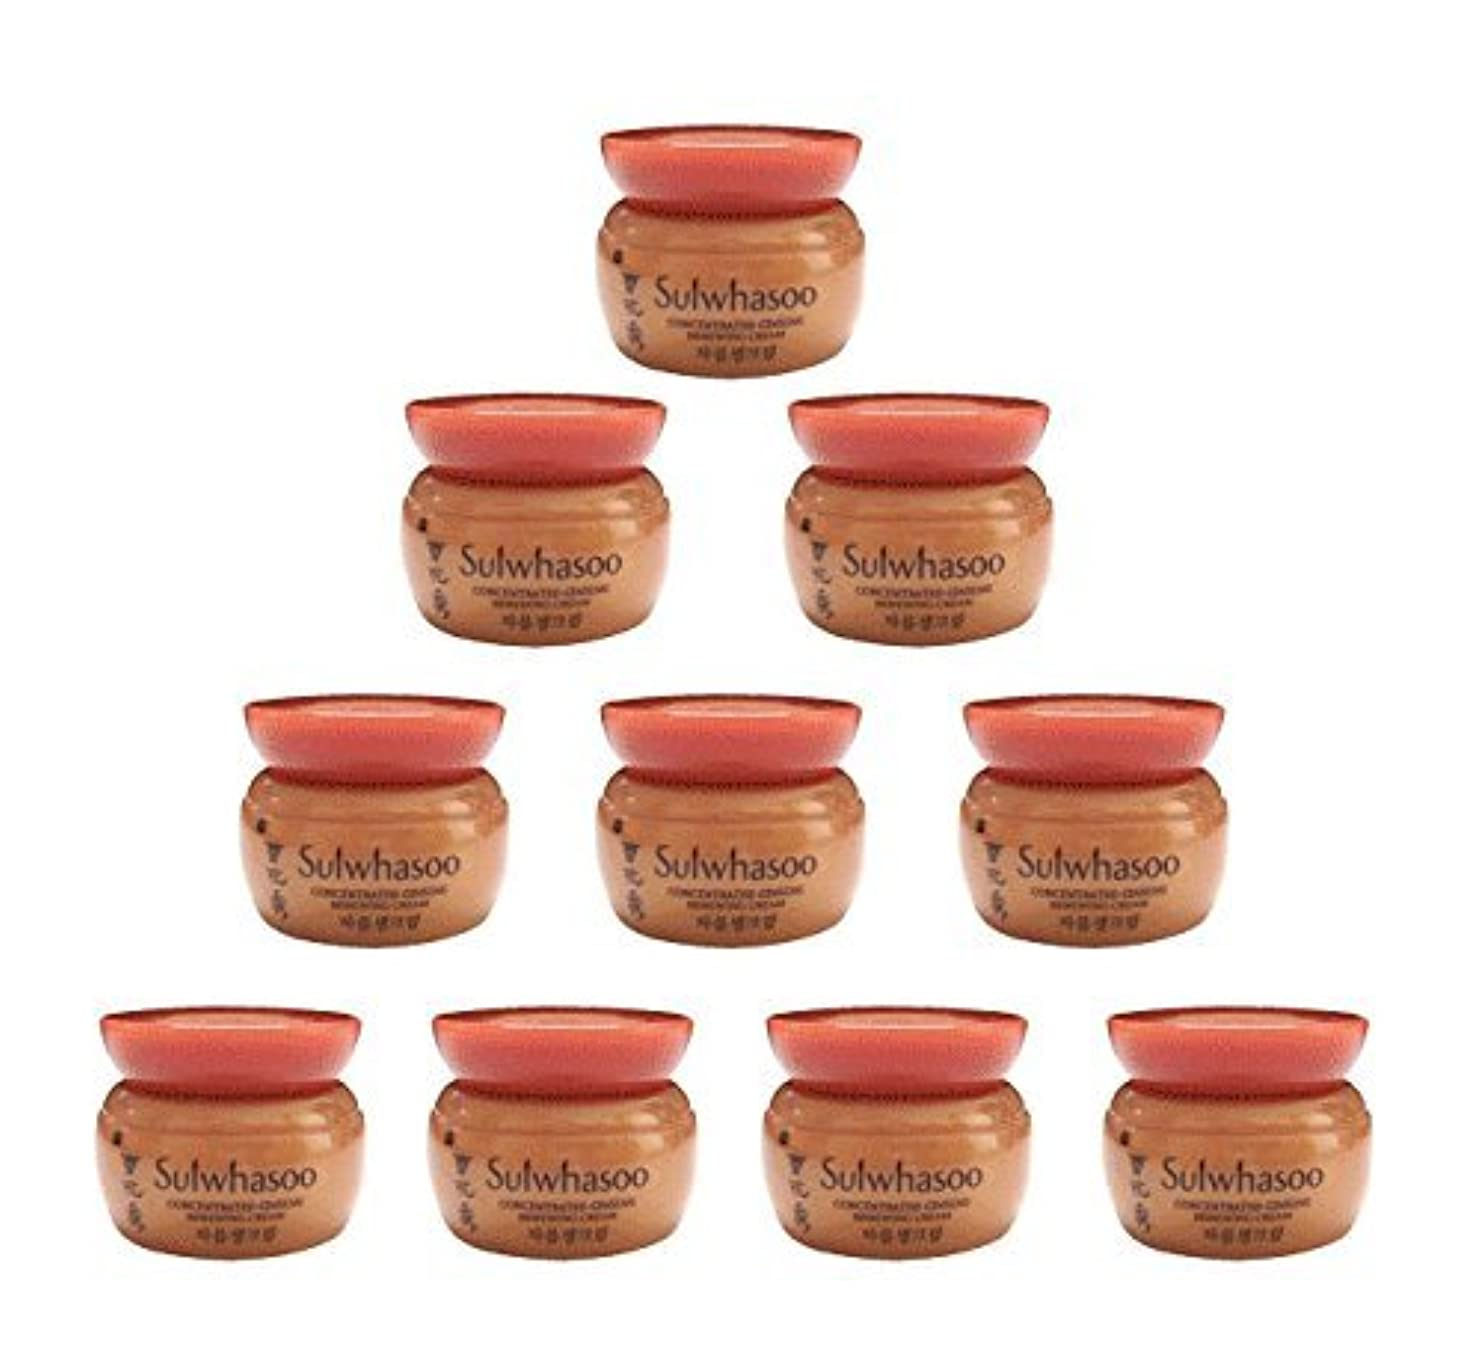 つらい共感する文明化する【ソルファス 雪花秀 Sulwhasoo】 Concentrated Ginseng Renewing Cream(50ml) 5ml x 10個 韓国化粧品 ブランドのサンプル [並行輸入品]